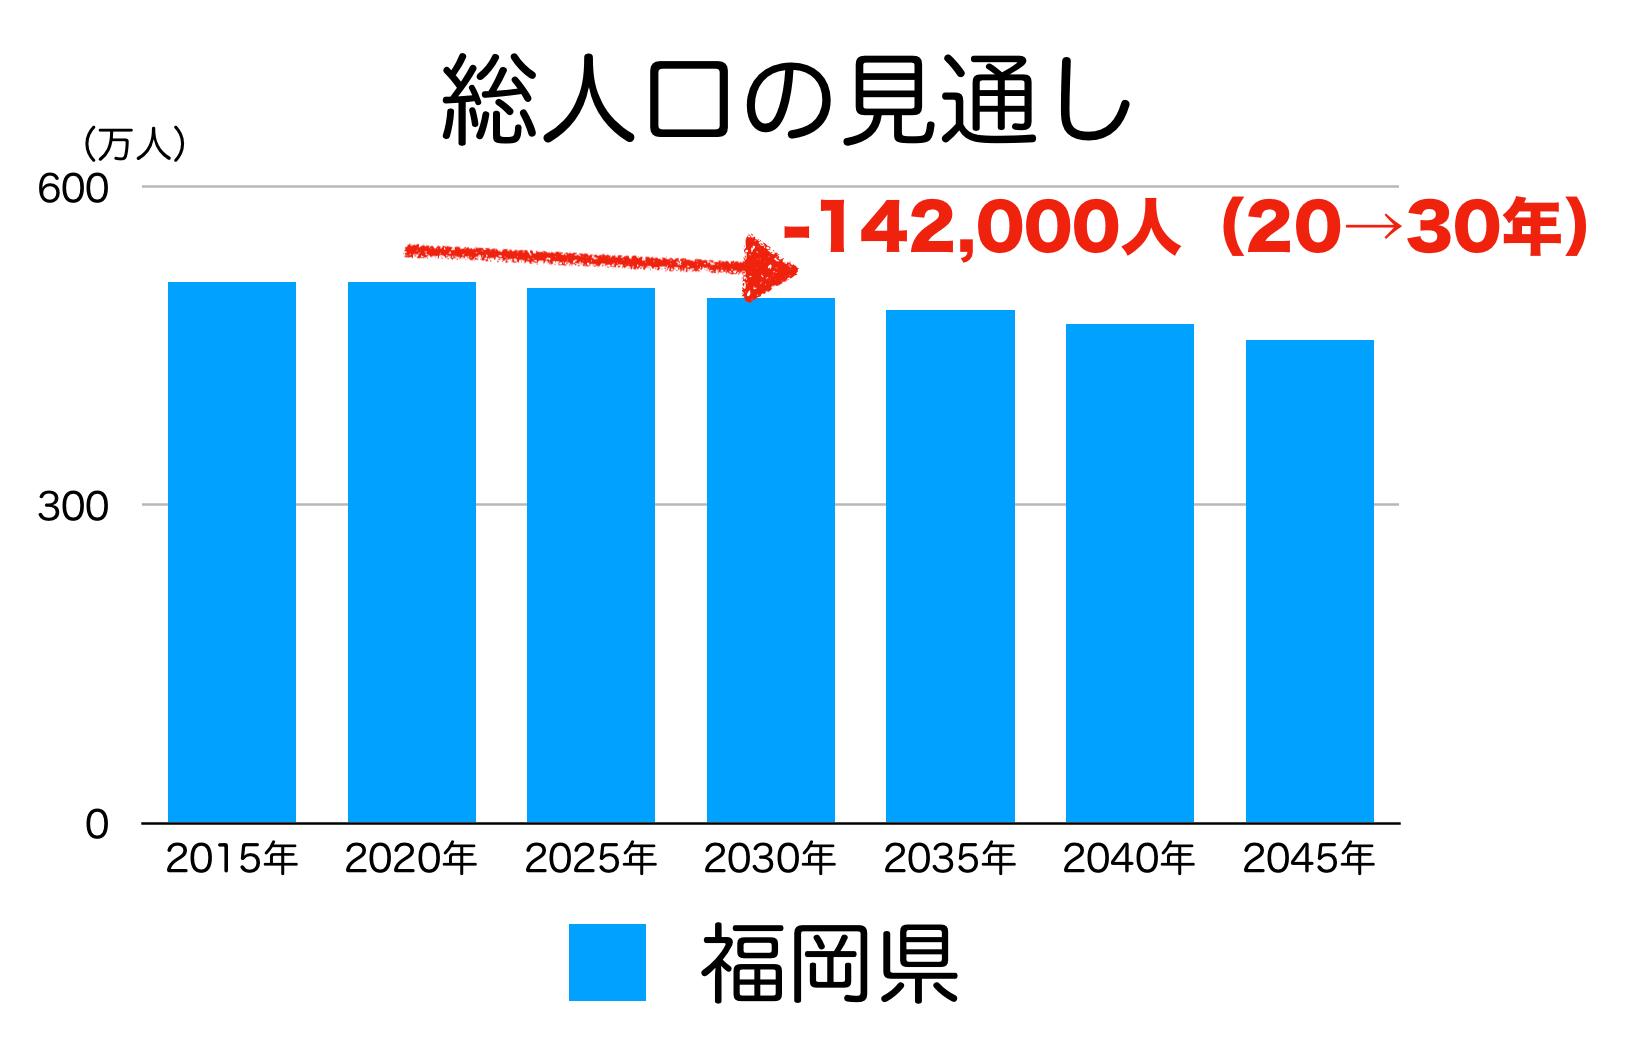 福岡県の人口予測